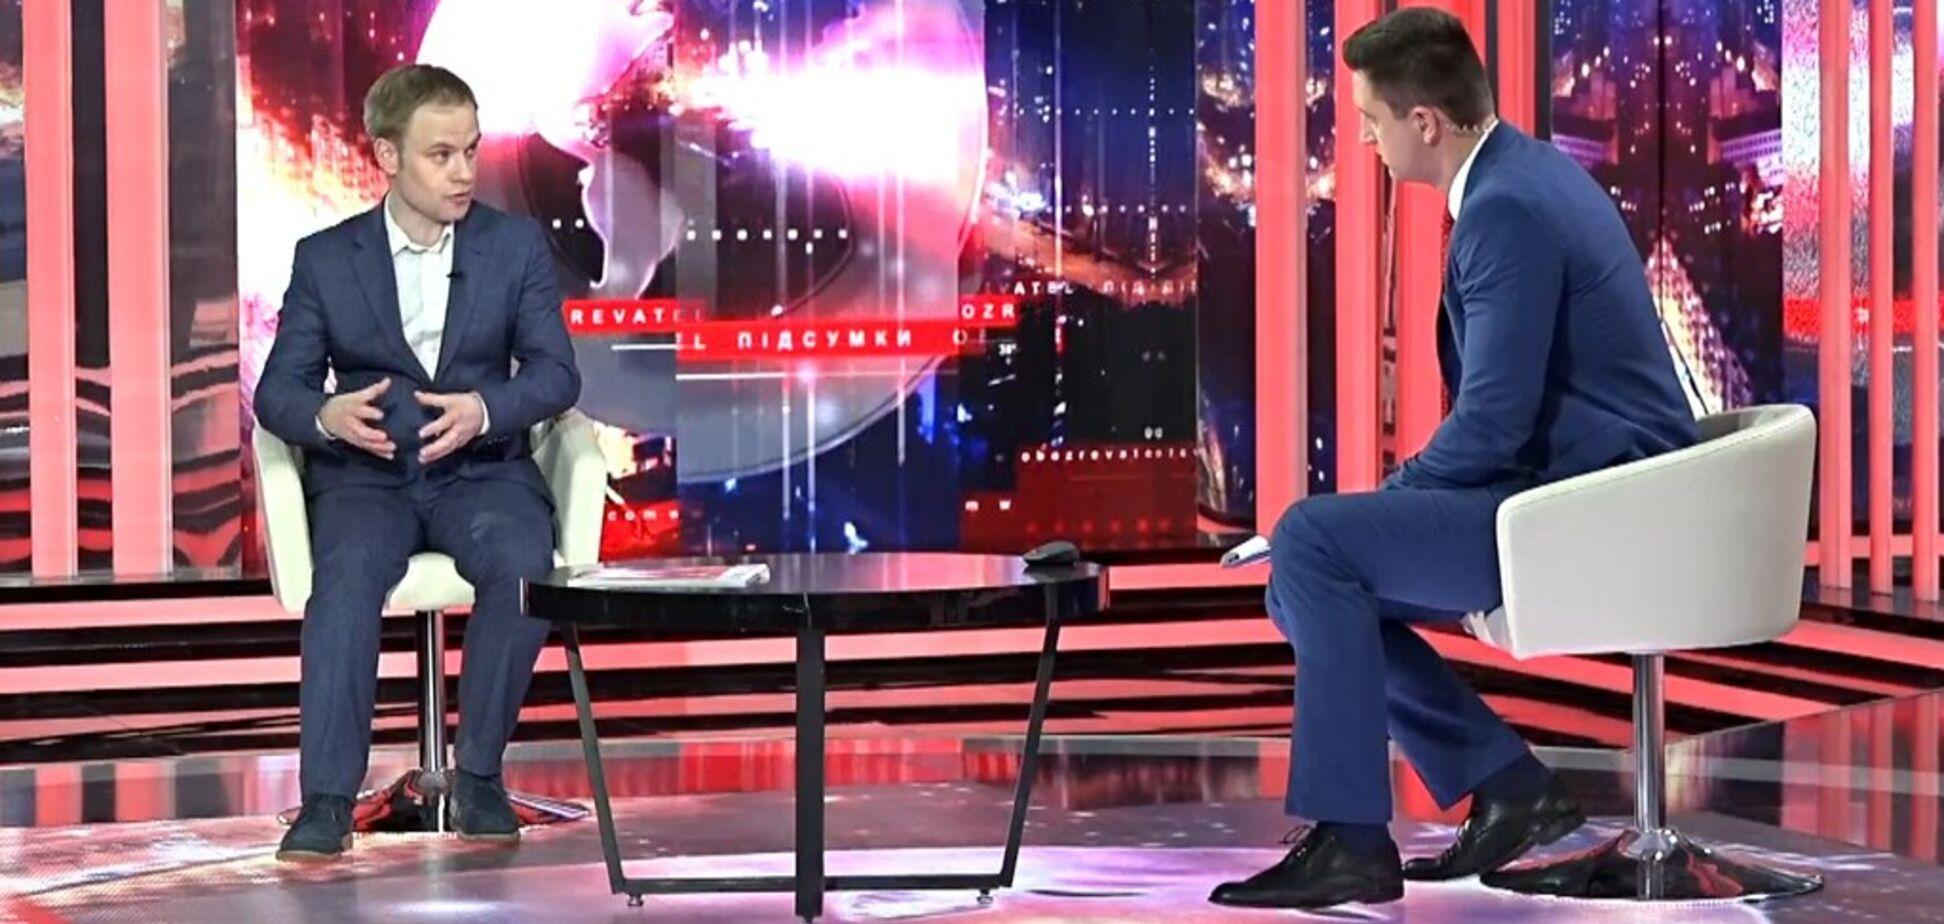 Кто в Раде хочет отставки Рябошапки: в 'Голосе' раскрыли детали скандала